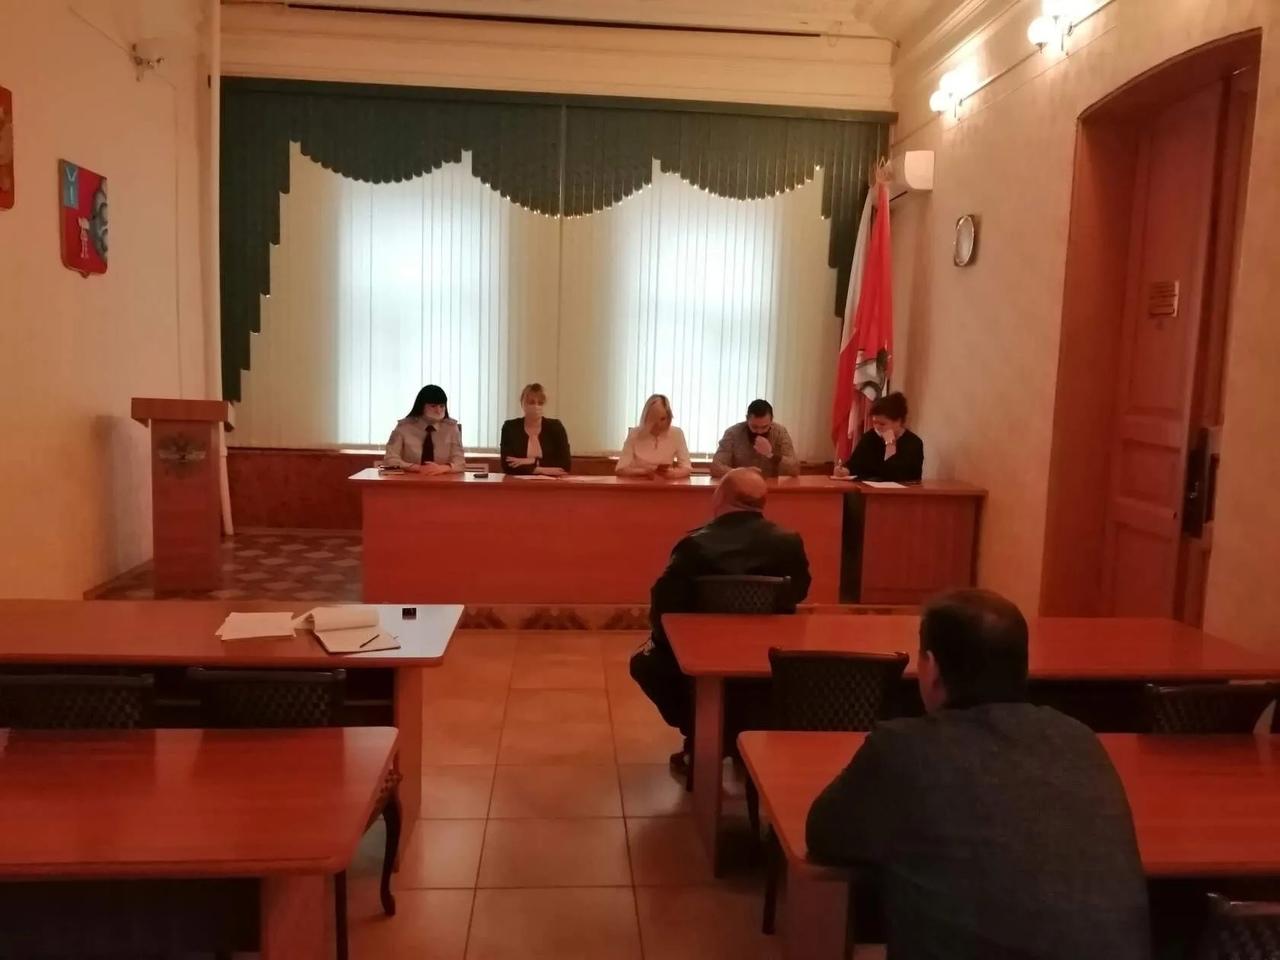 Сегодня под председательством руководителя аппарата администрации района Елены Архиповой состоялось очередное заседание административной комиссии